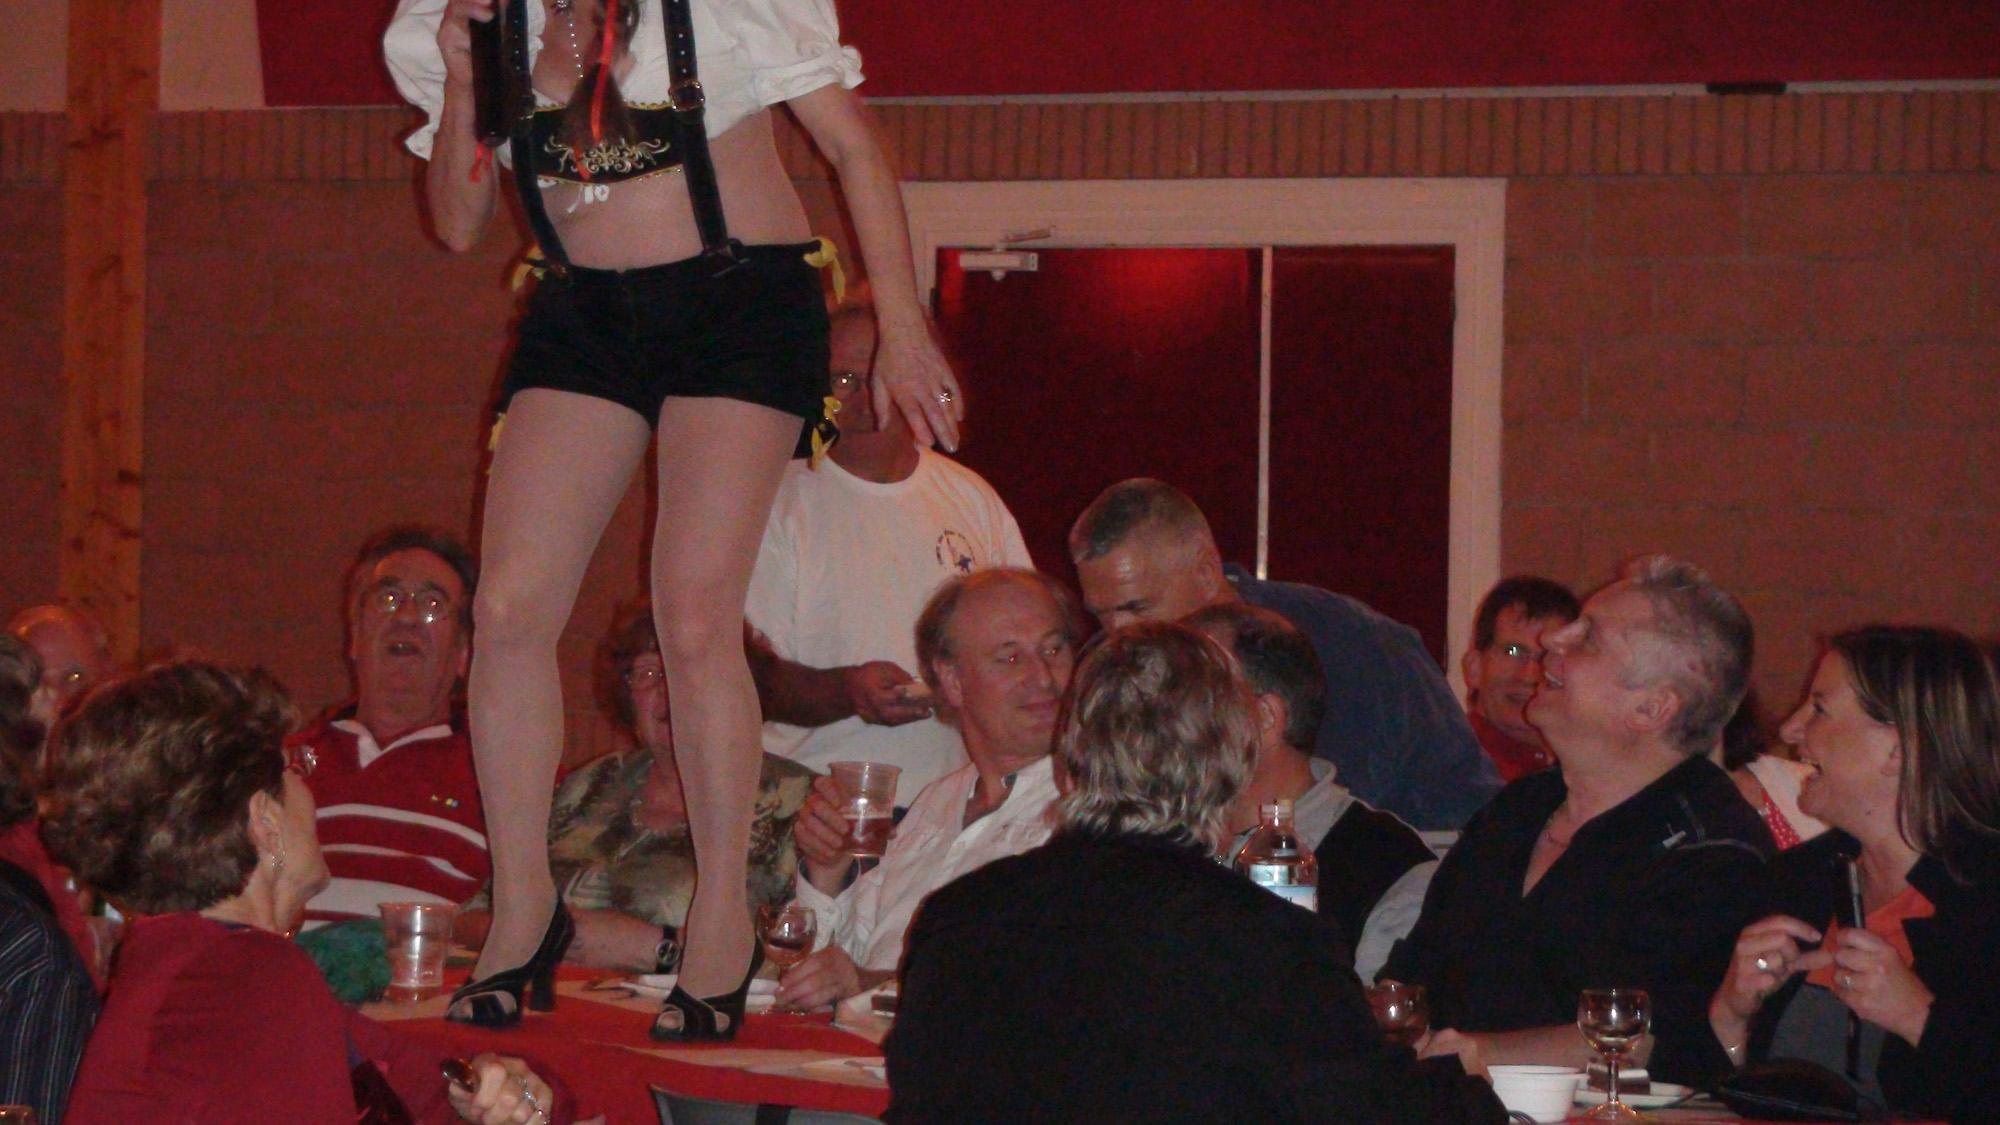 4a Ollainville 12 novembre 2011 chanteuse de l'orchestre bavarois sur les tables